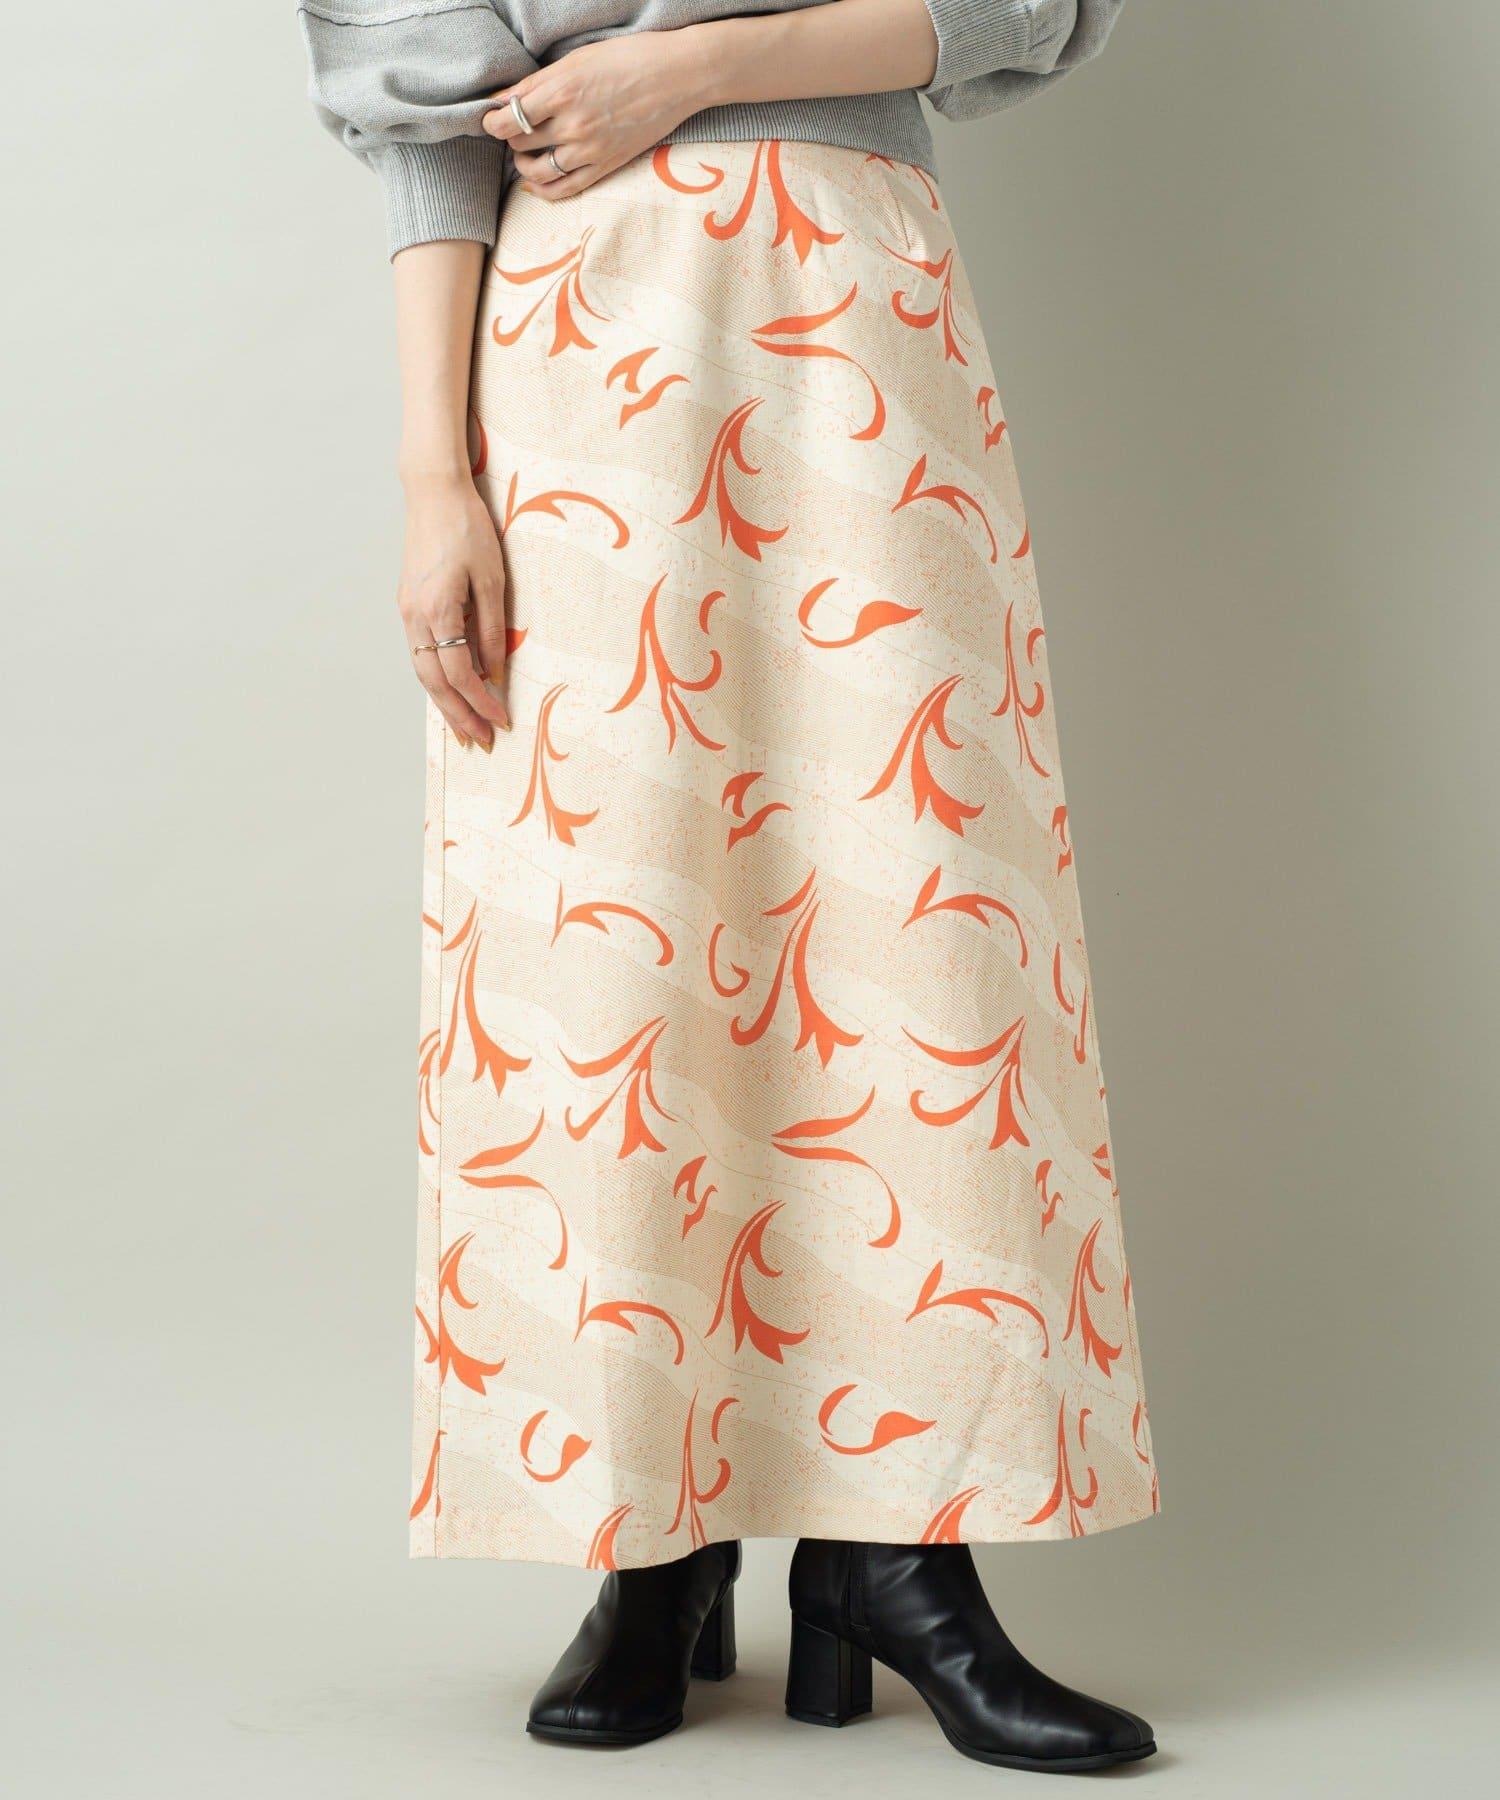 Kastane(カスタネ) mecha batik skirt